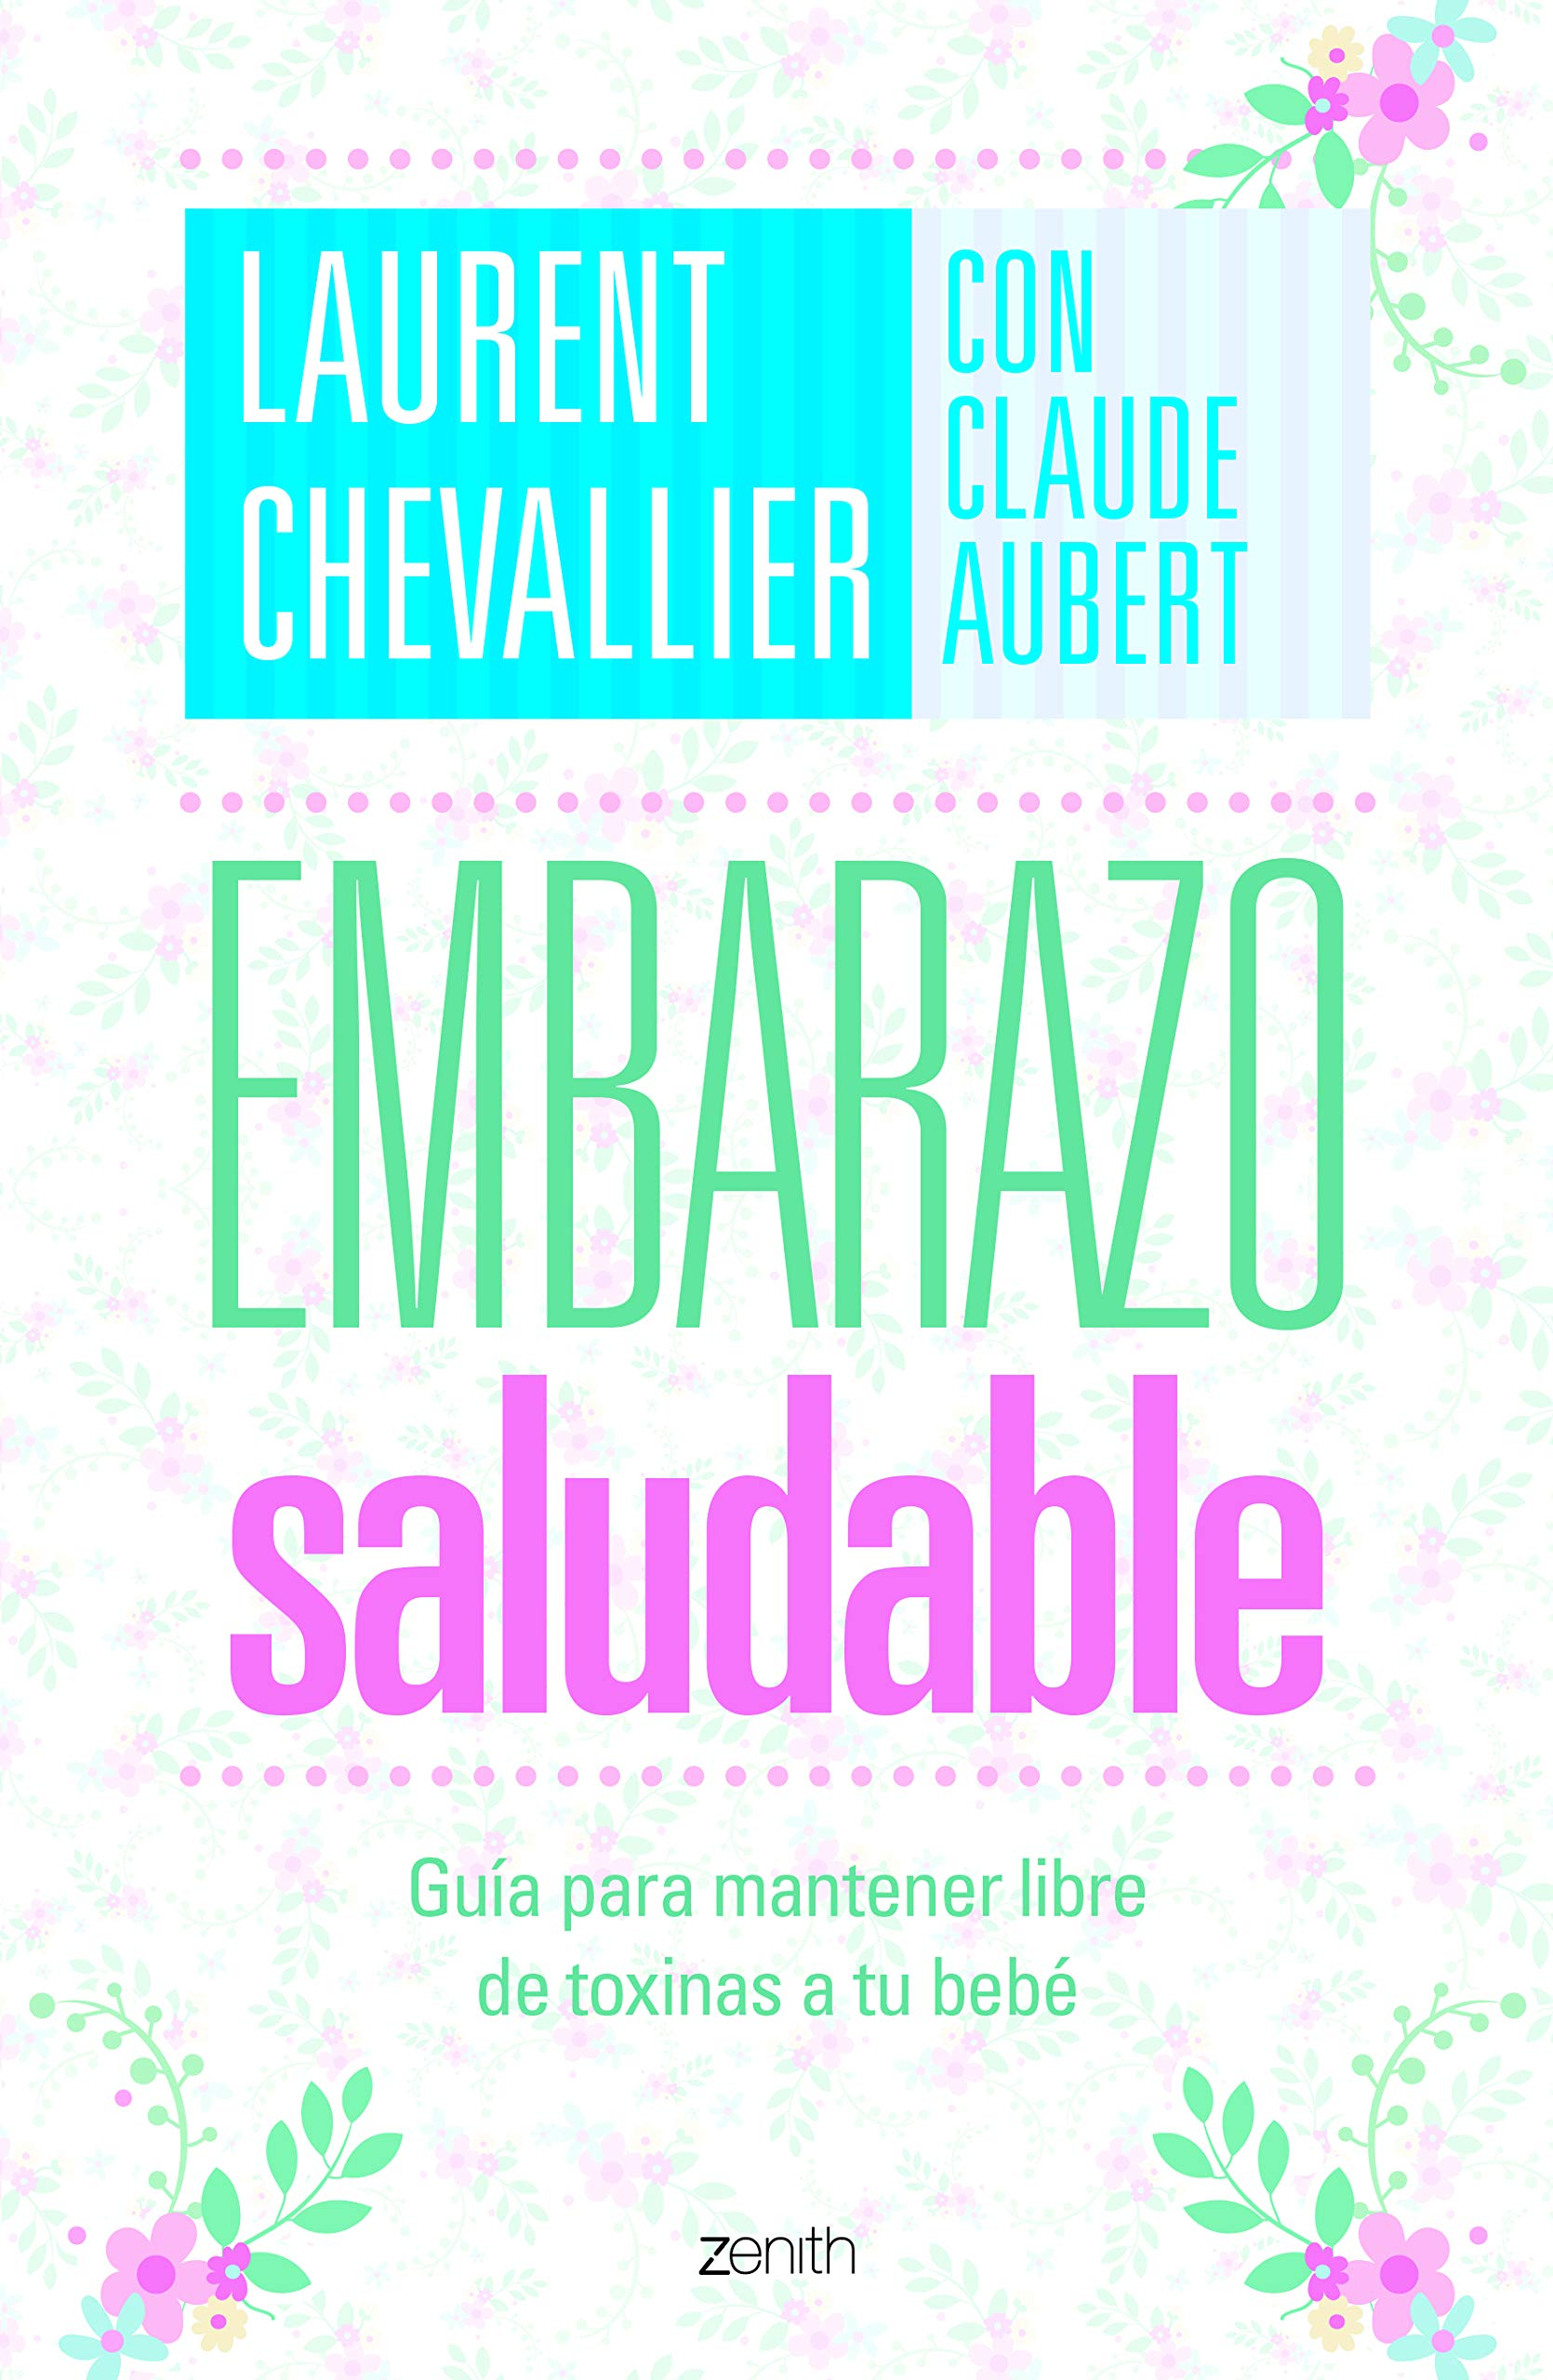 Embarazo saludable: Guía para mantener libre de toxinas a tu bebé (Spanish Edition): Laurent Chevallier, Claude Aubert: 9786077475286: Amazon.com: Books